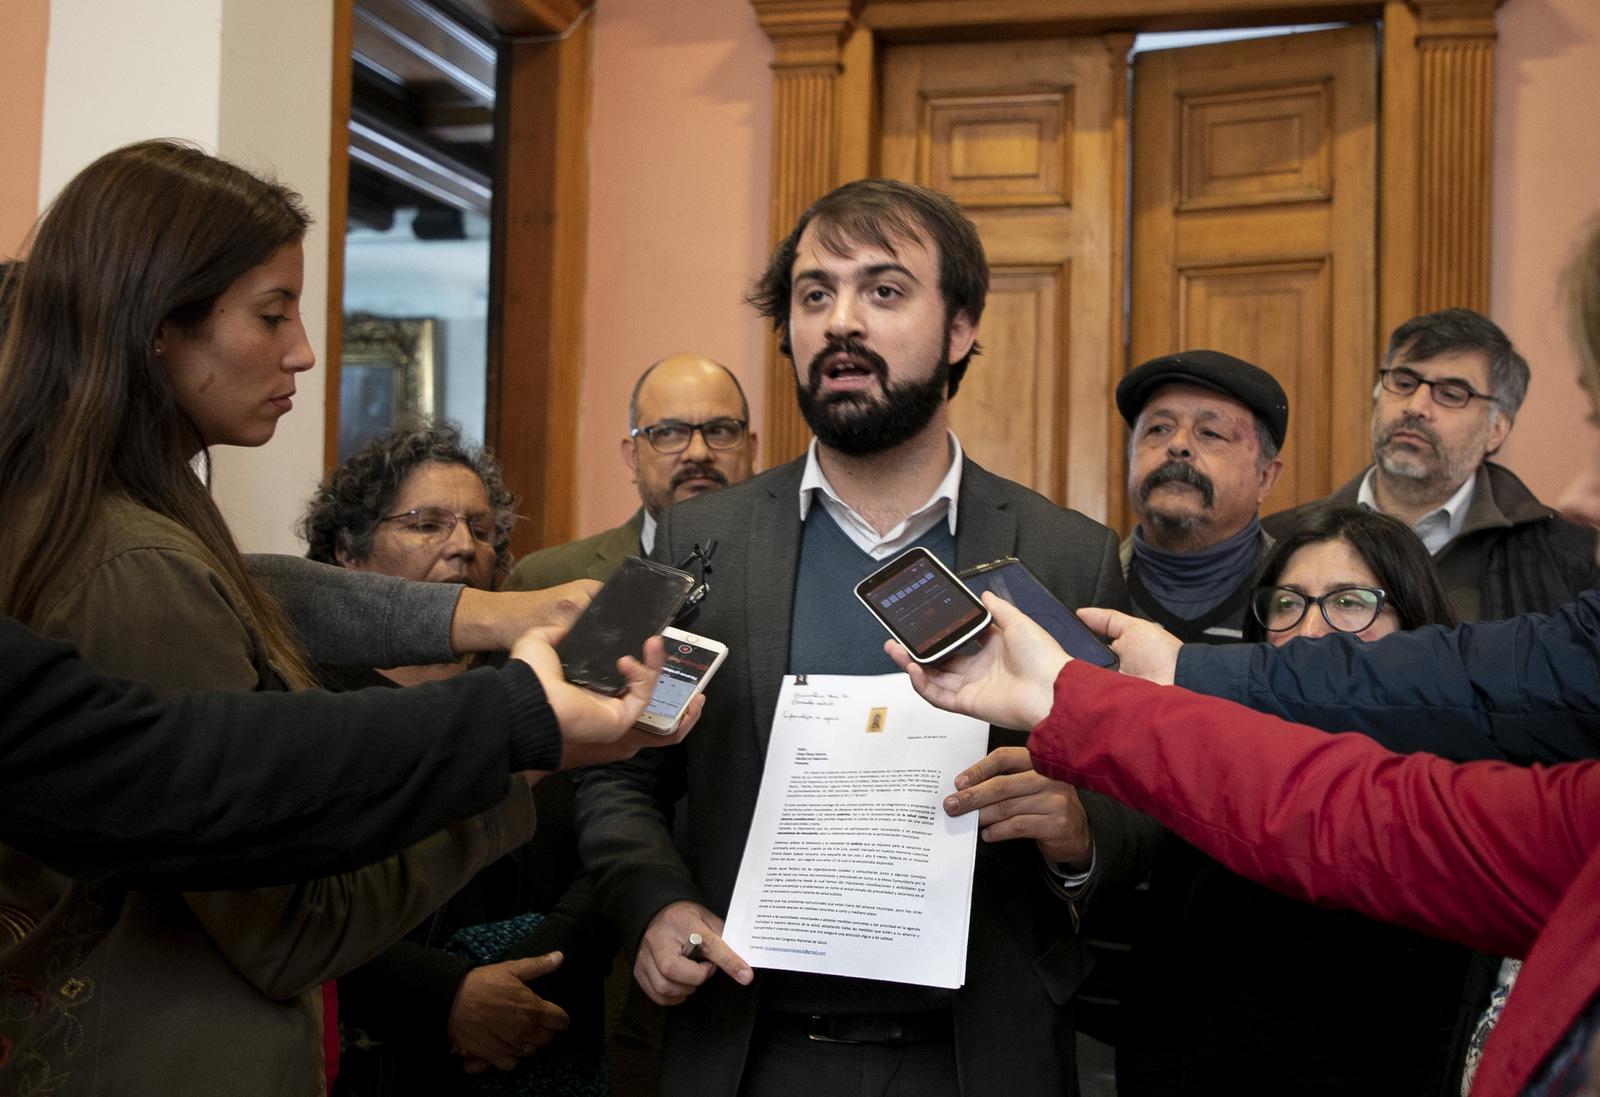 Jorge Sharp por irregularidades en contrato con empresa de parquímetros: Se operó para defraudar a Valparaíso